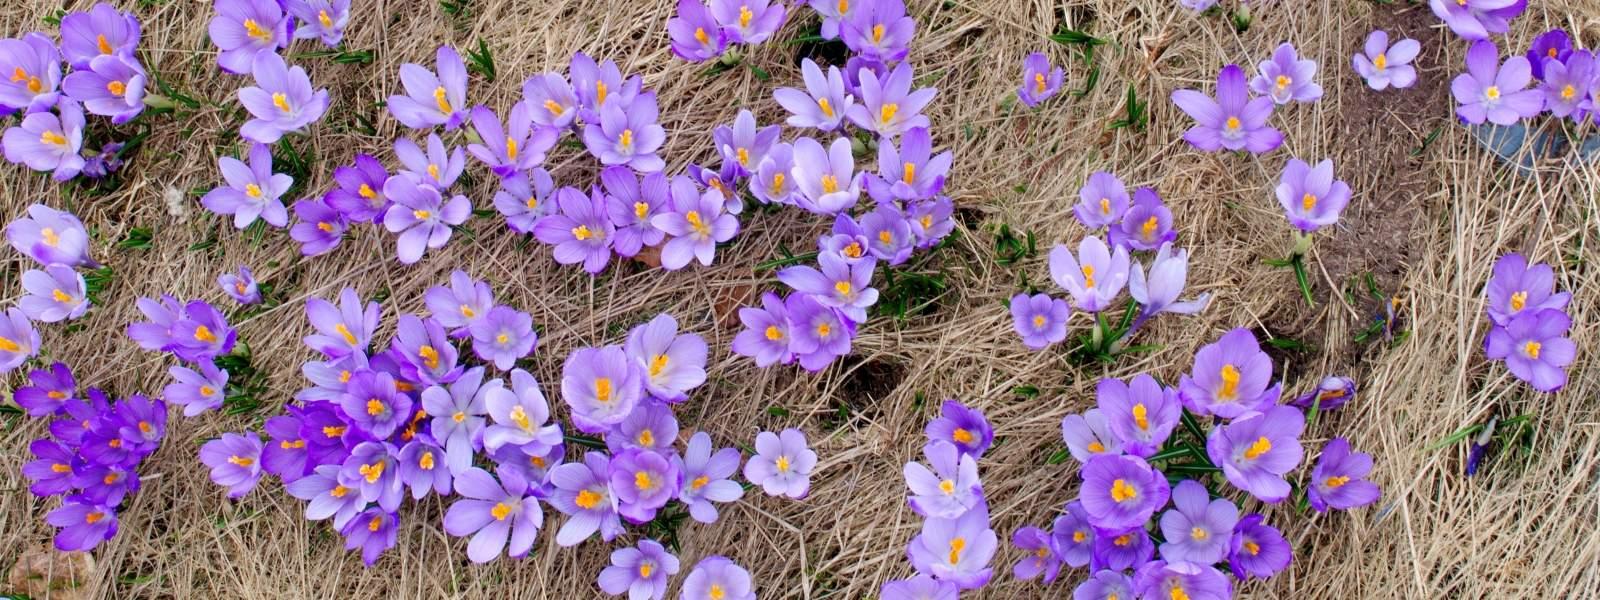 Krokusse im Frühjahr im Vrachanski Balkan Naturpark - Foto: Krasimir Lakovski